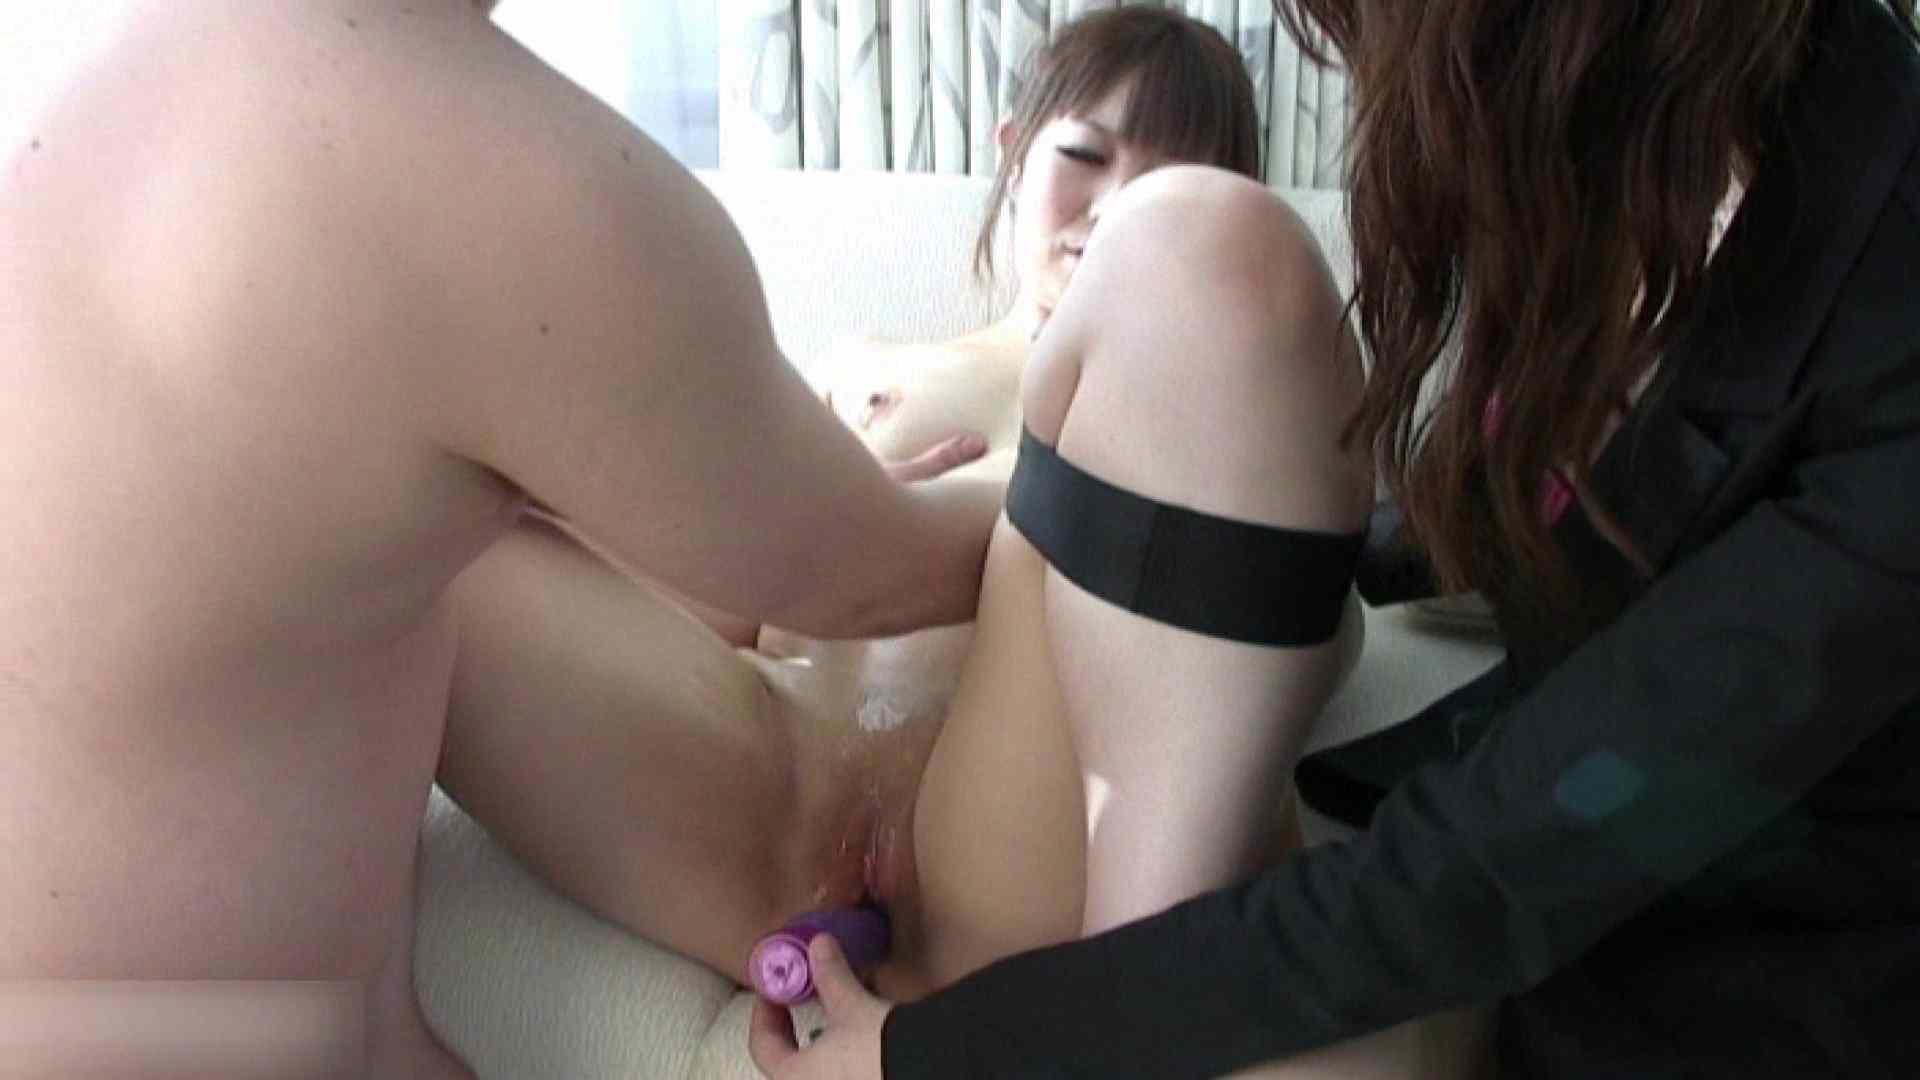 淫乱人妻 狂った宴 Vol.03 Hな人妻   淫乱  49pic 21